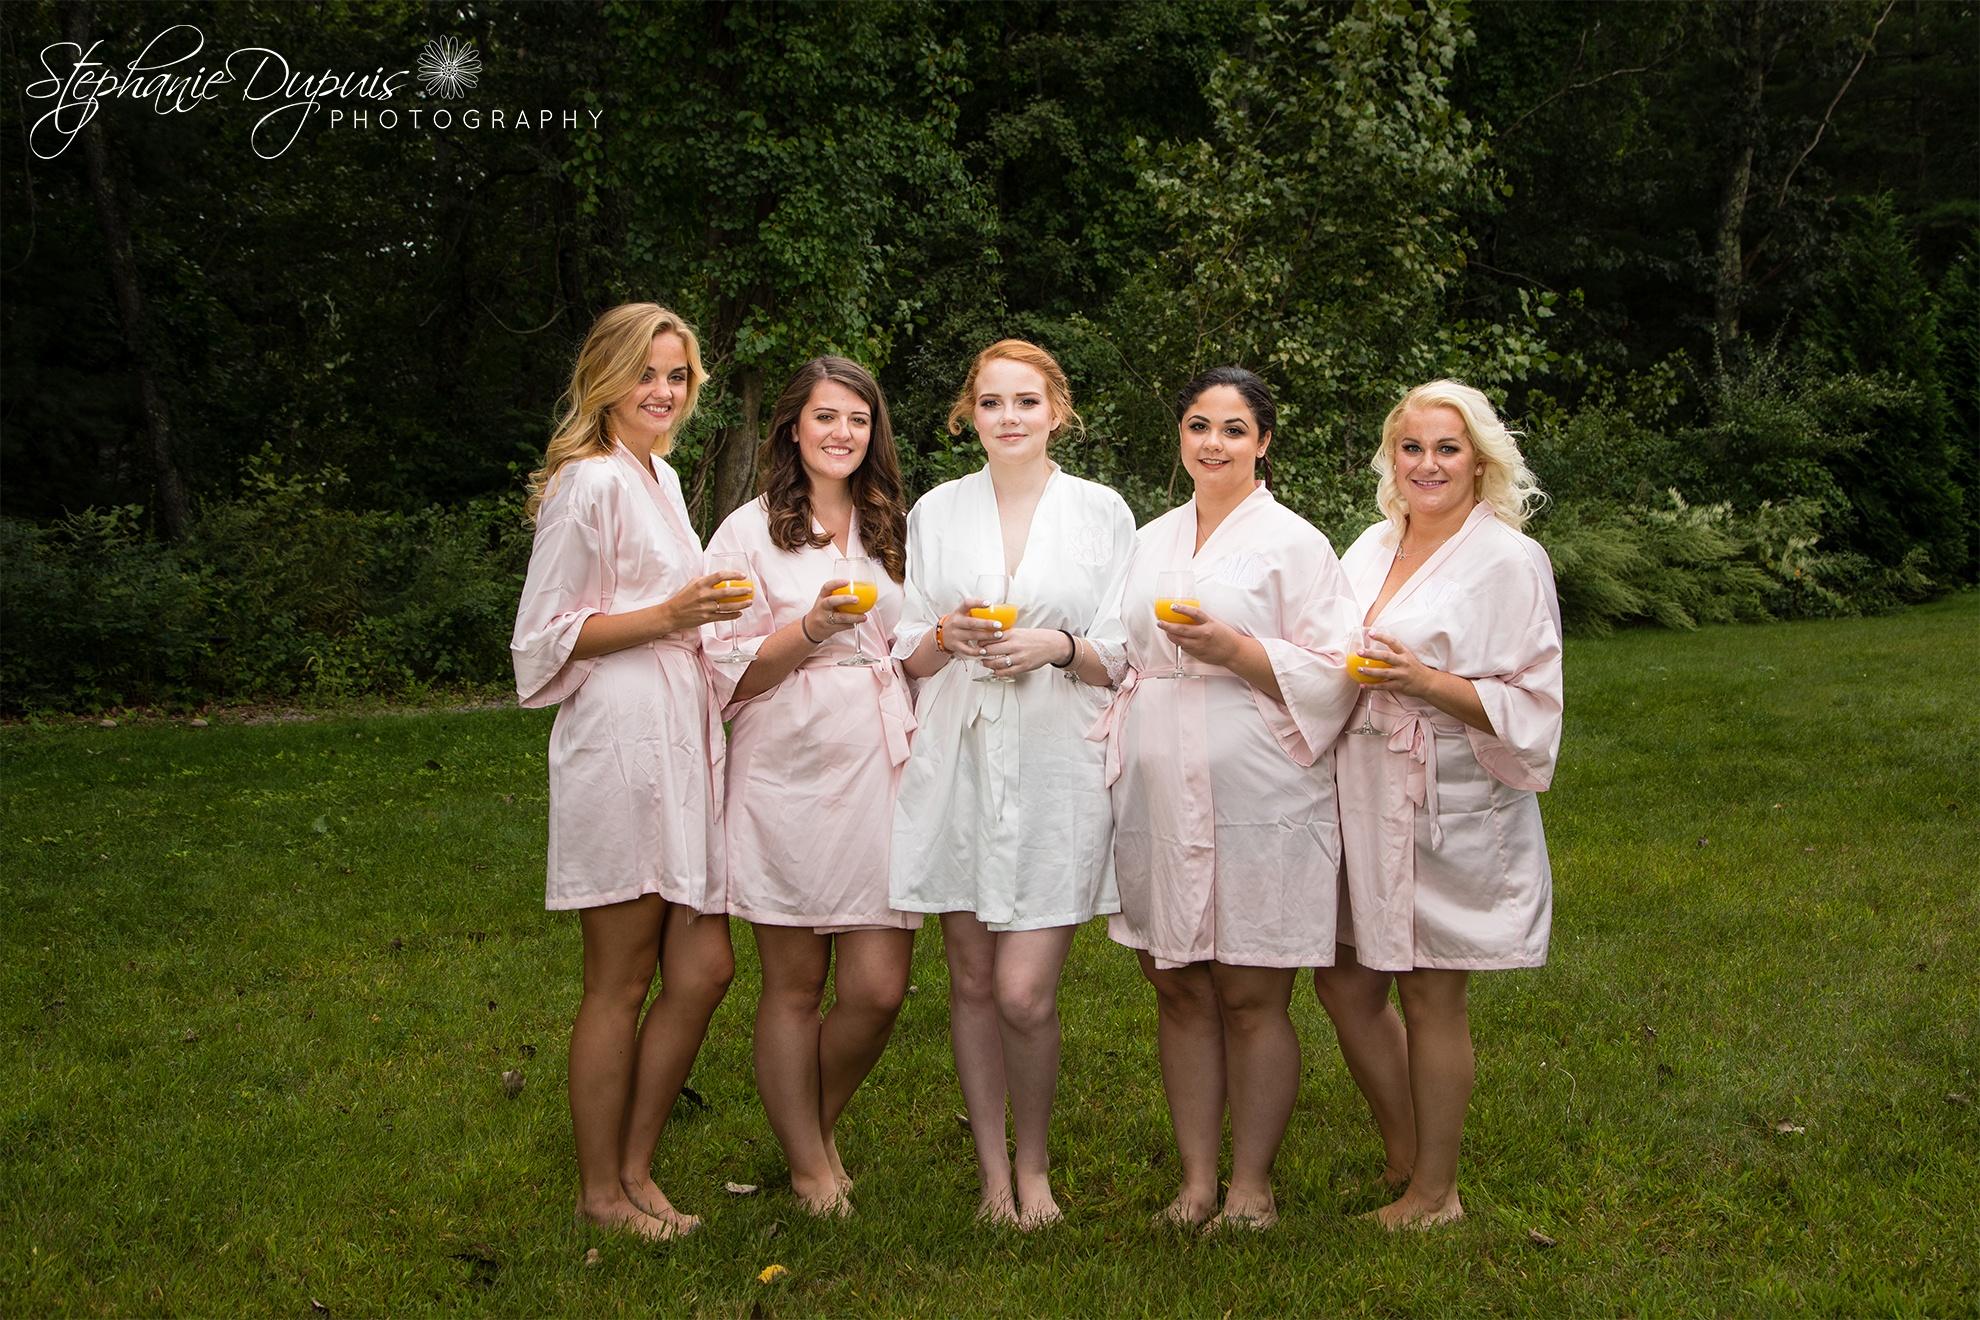 Gaffney 6 - Portfolio: Gaffney Wedding